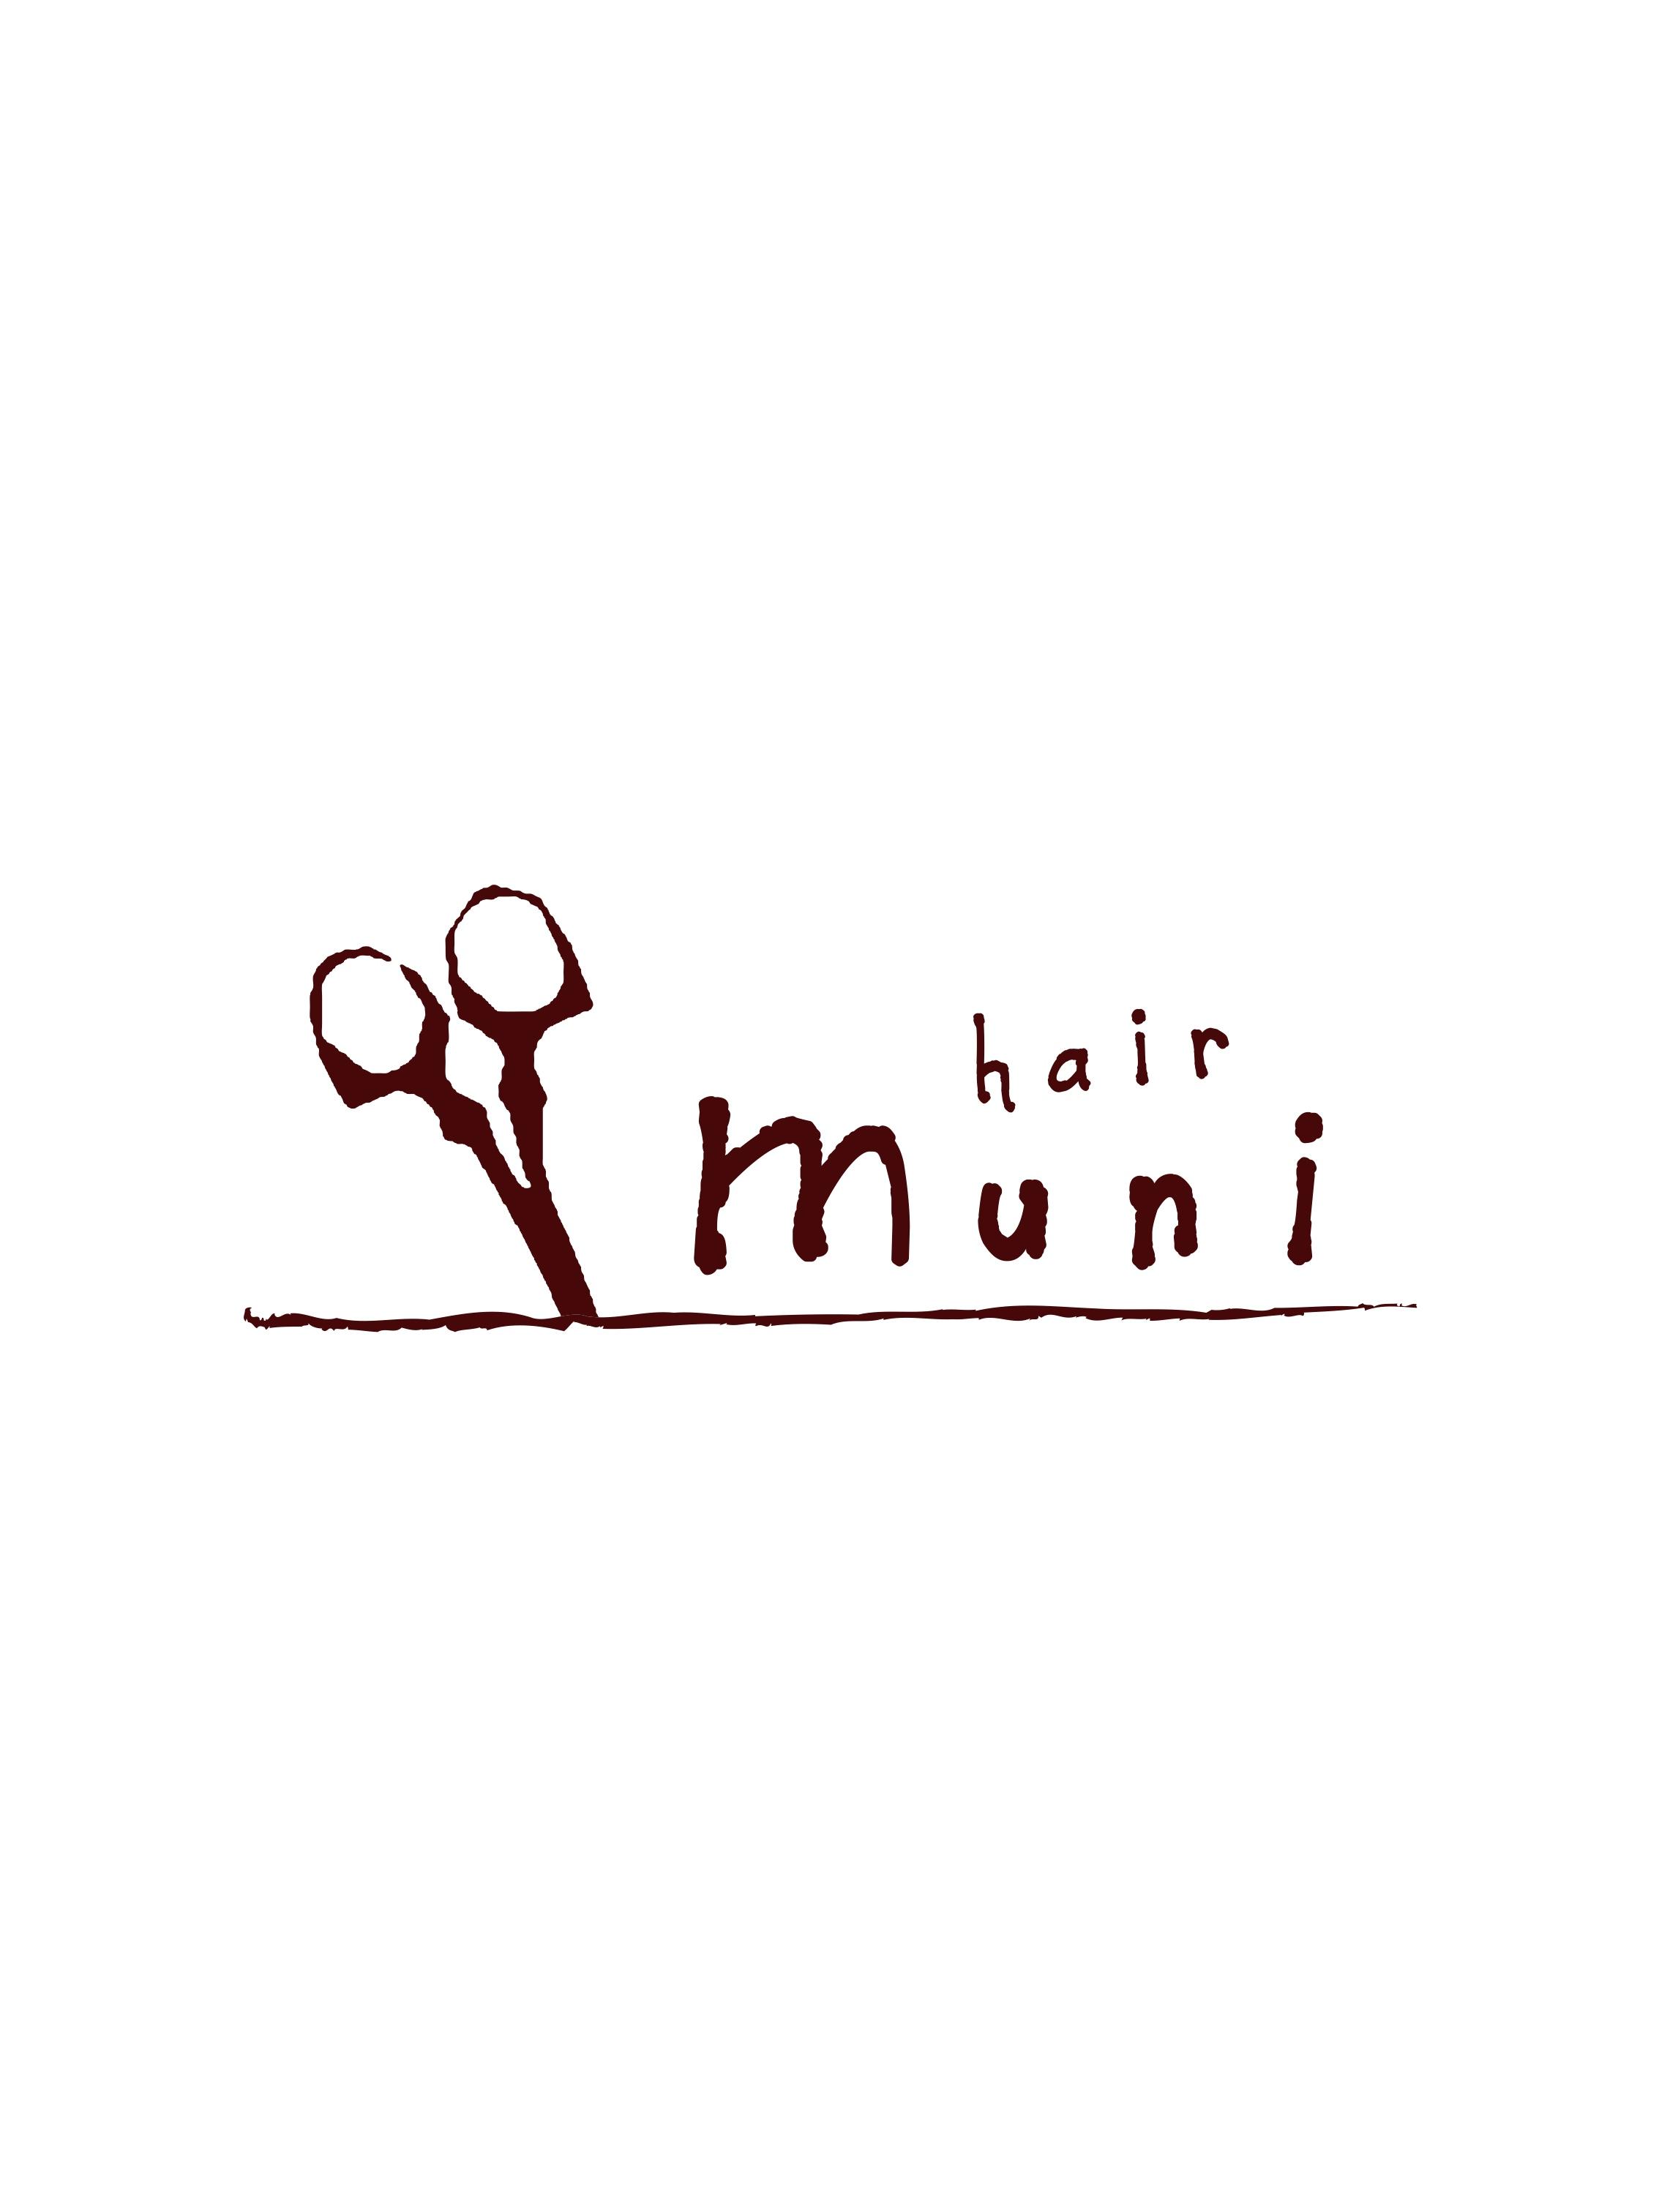 強髪プログラム 始まる。